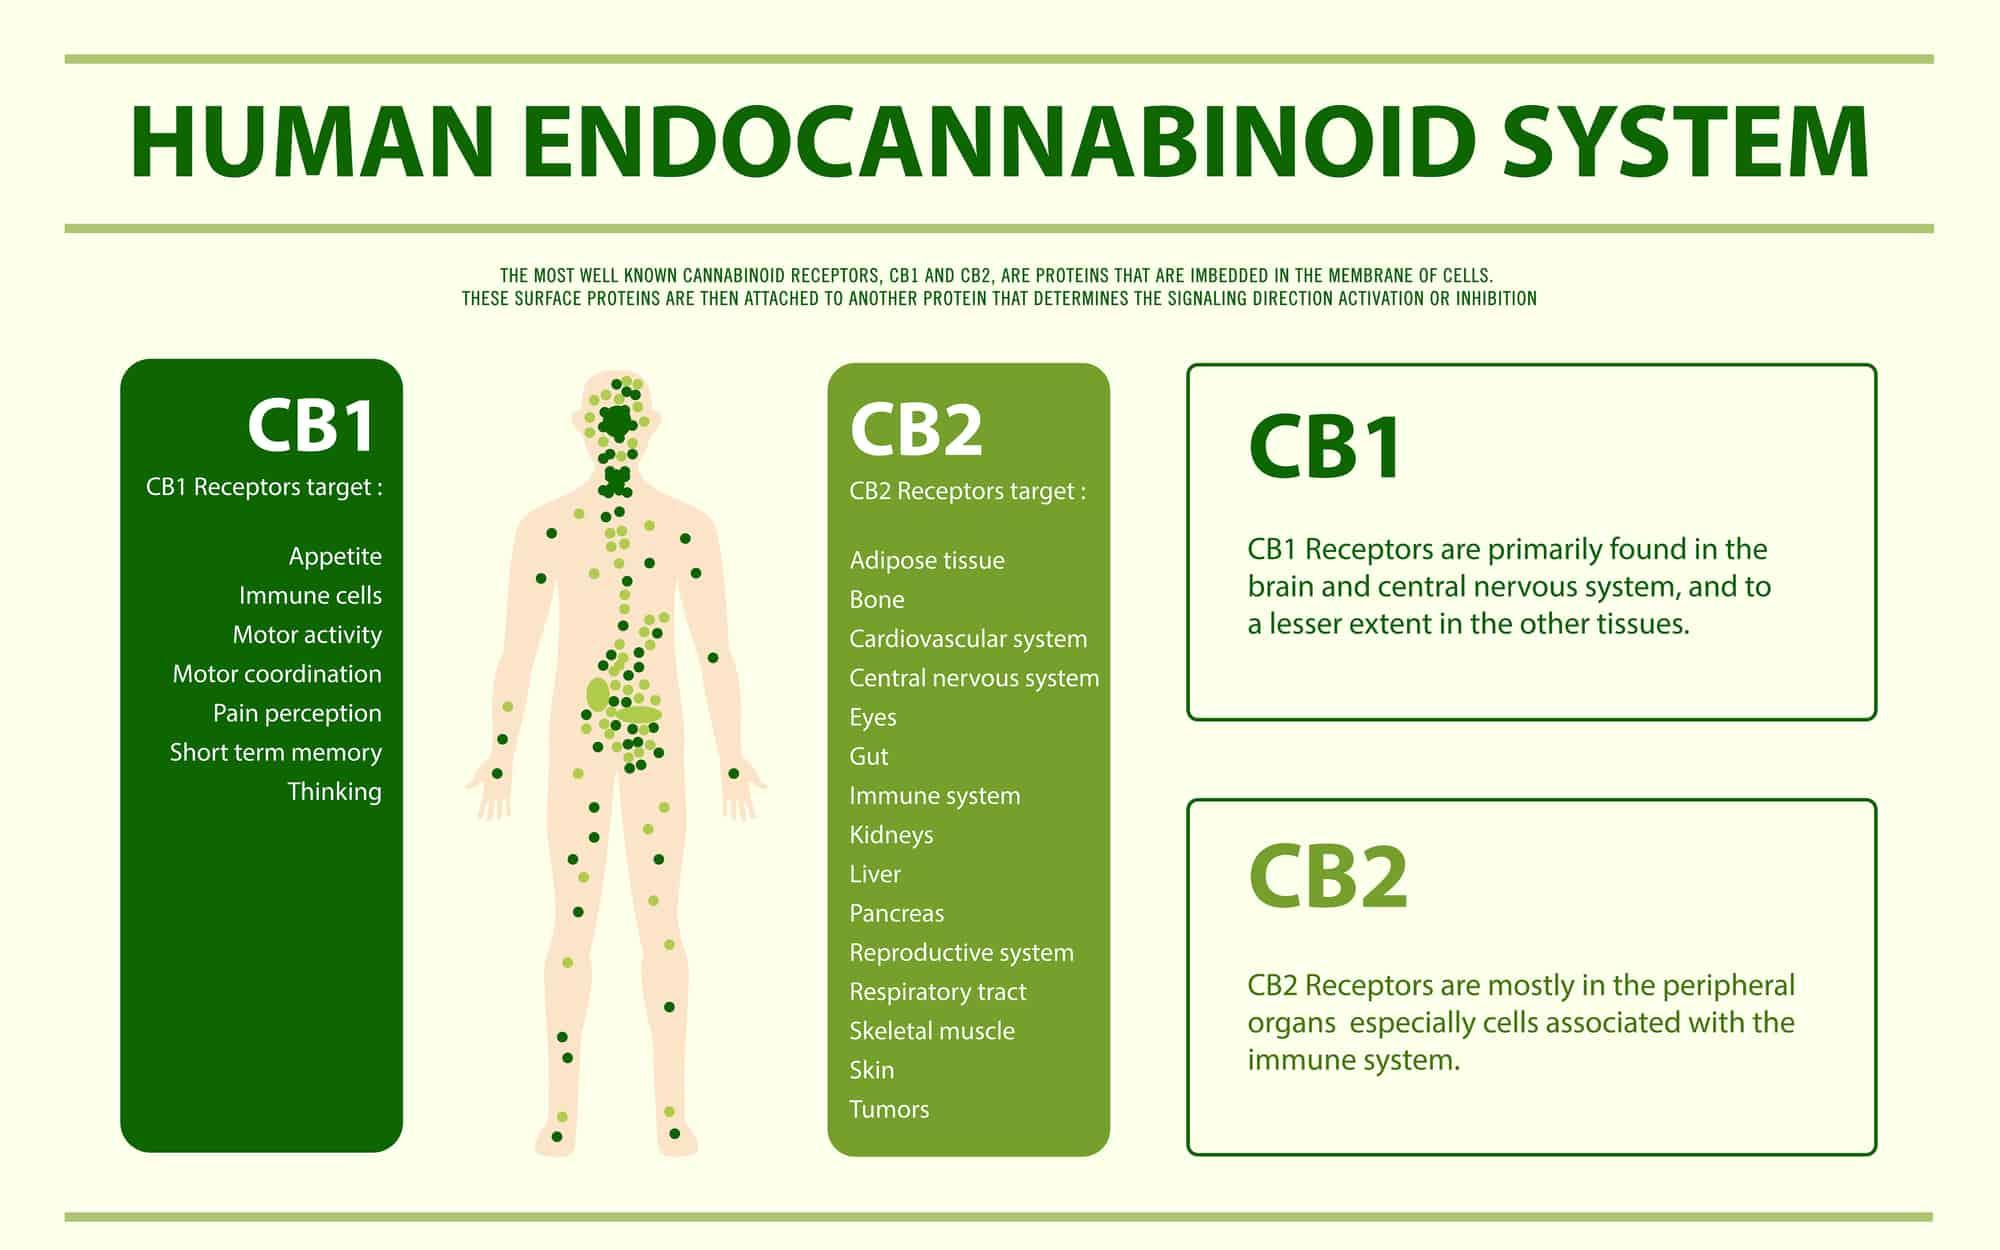 Le CBD agit sur le système endocannabinoïde et peut inhiber certaines actions de l'organisme, comme diminuer la perception de la douleur, un des symptômes de la maladie de Lyme.